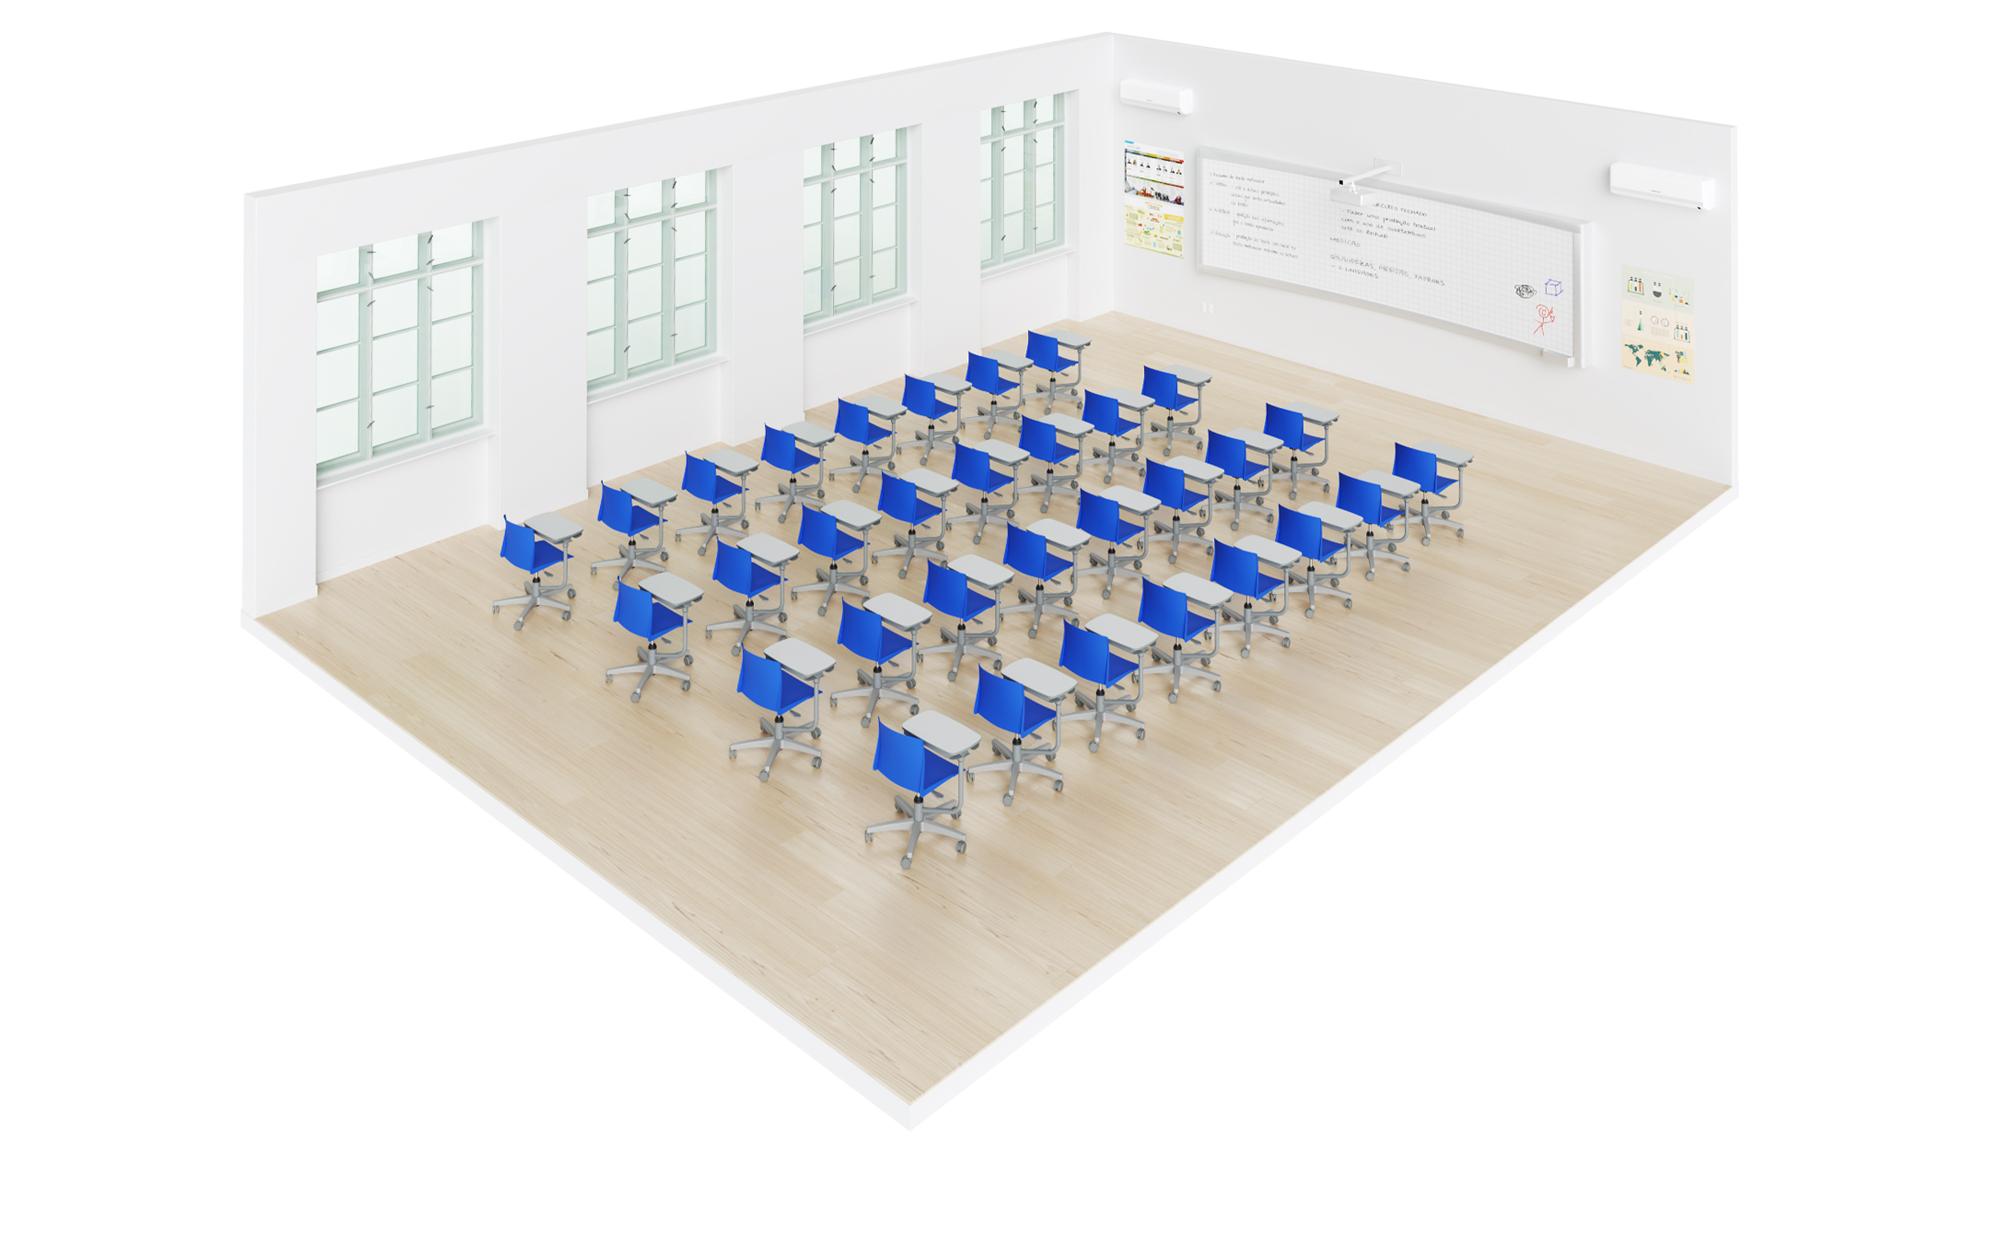 sala de aula com carteiras flex pro em arranjo tradicional